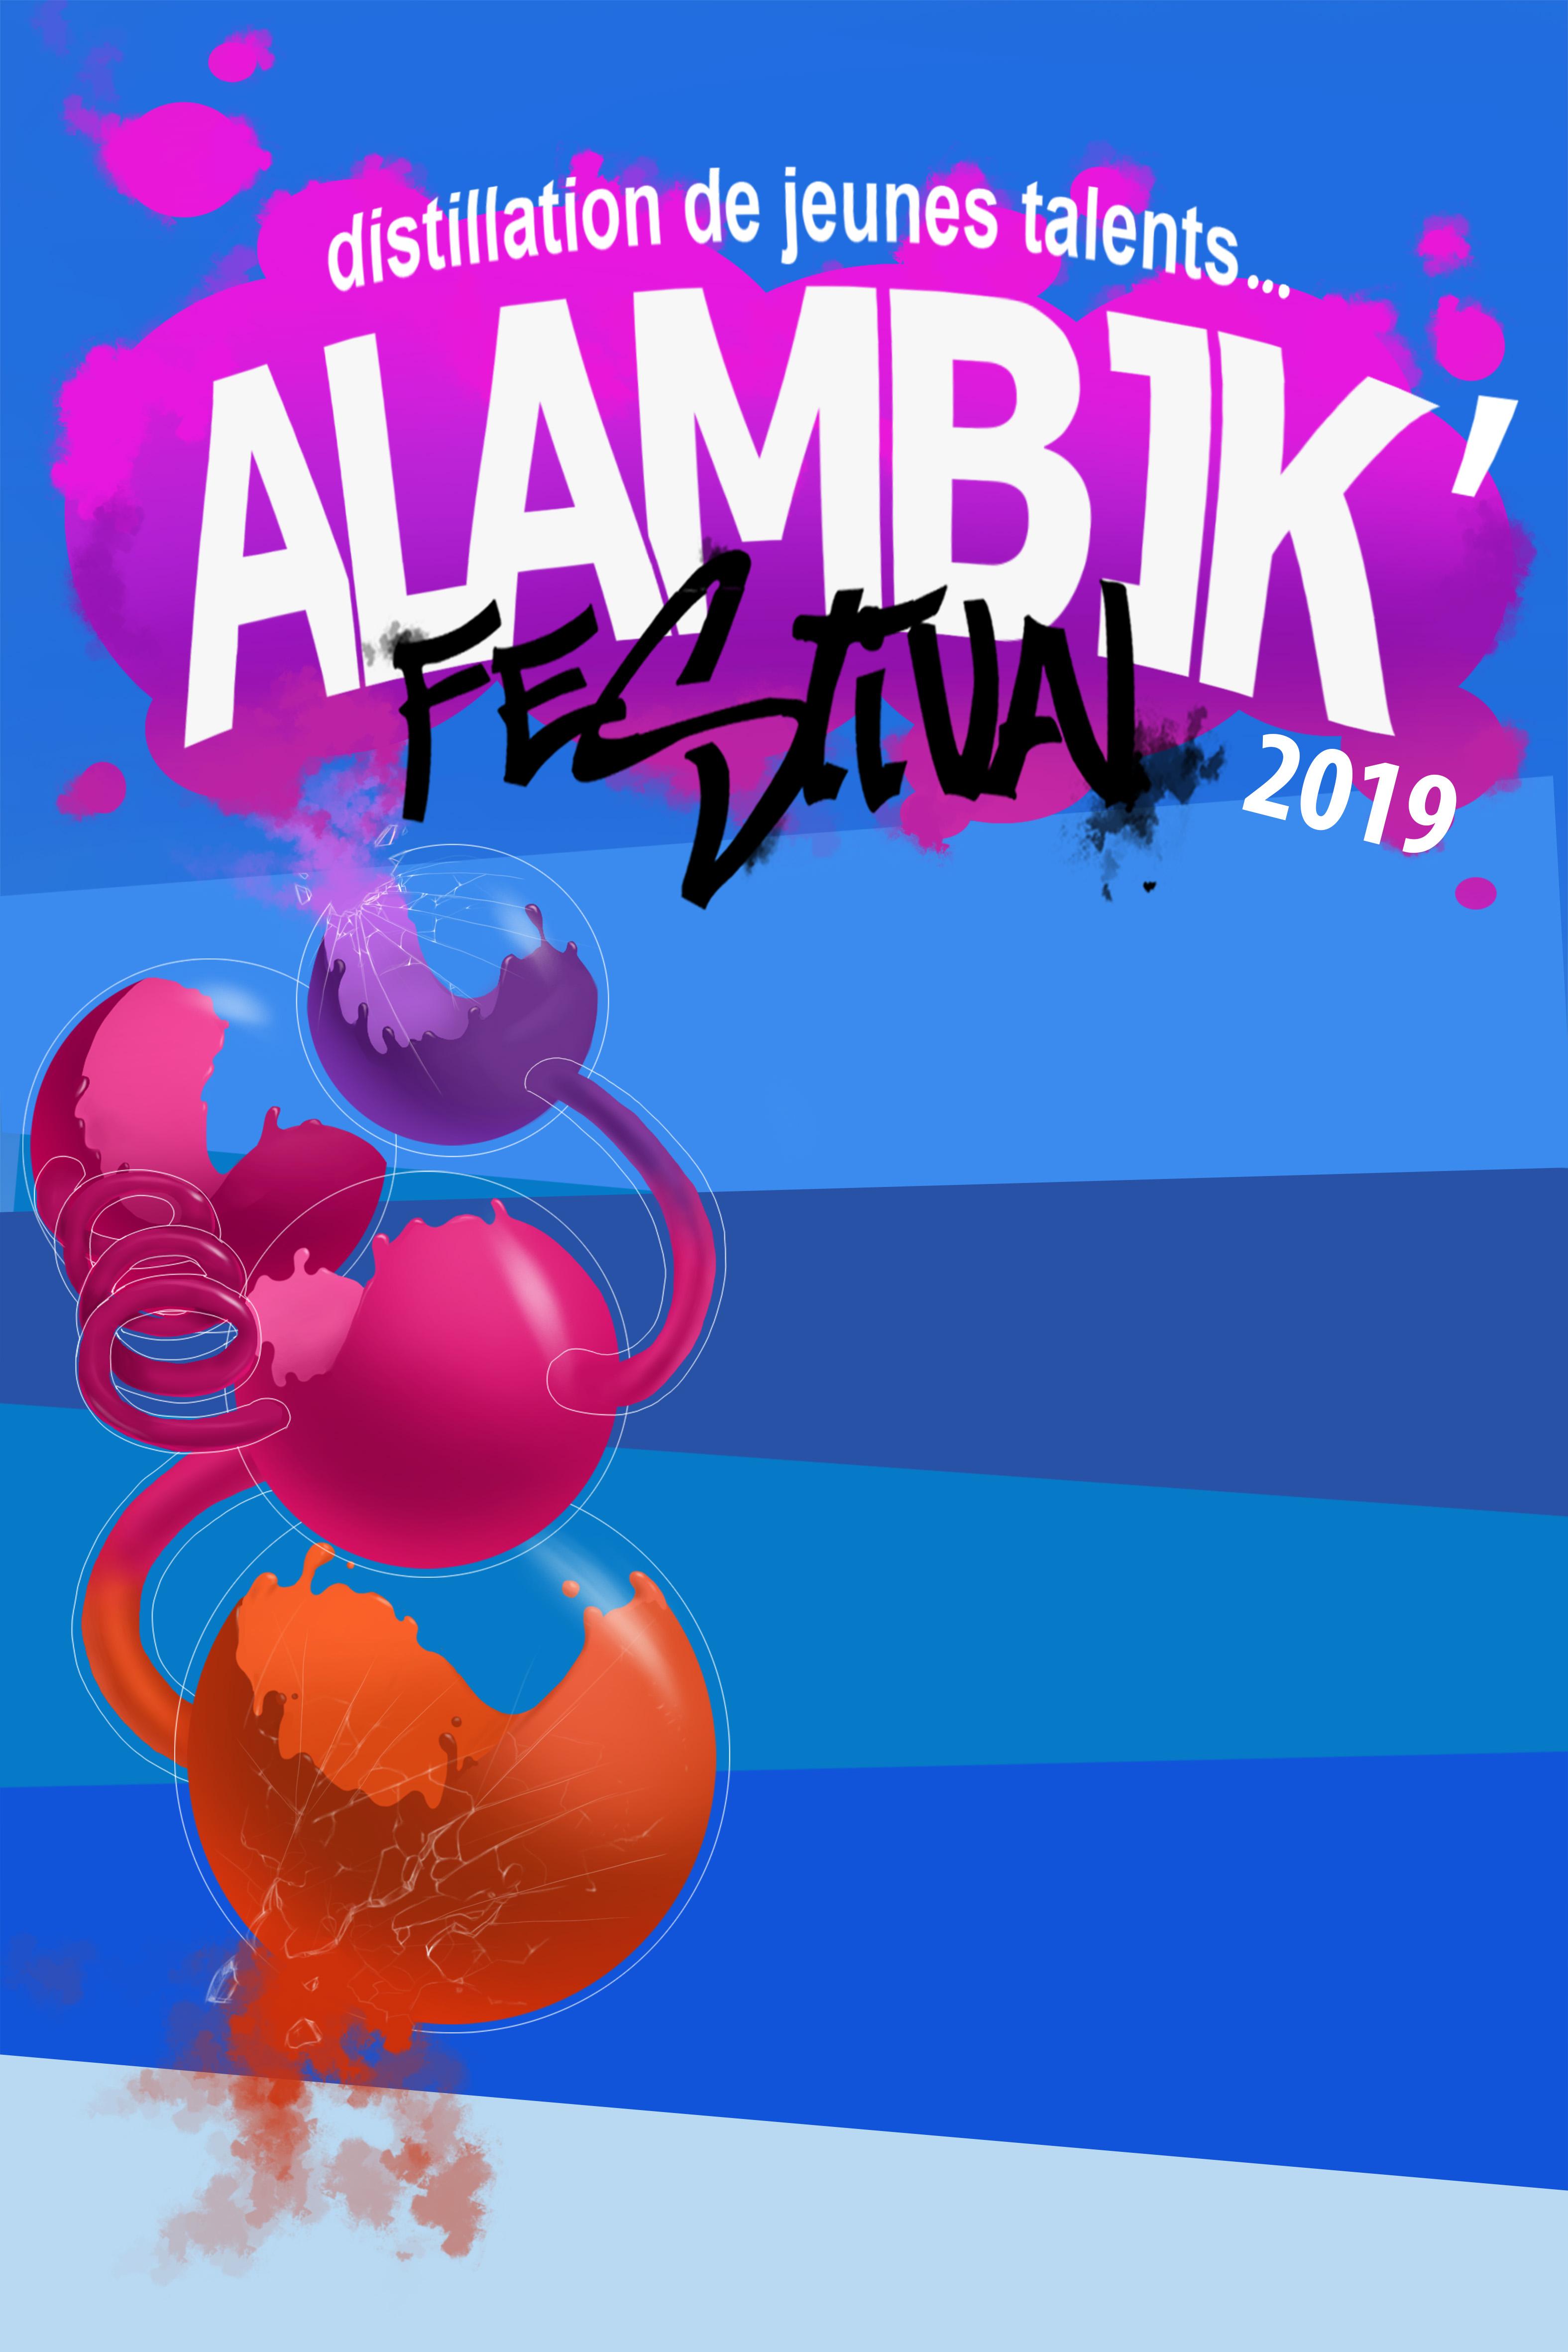 Visuel ALAMBIK' 2019